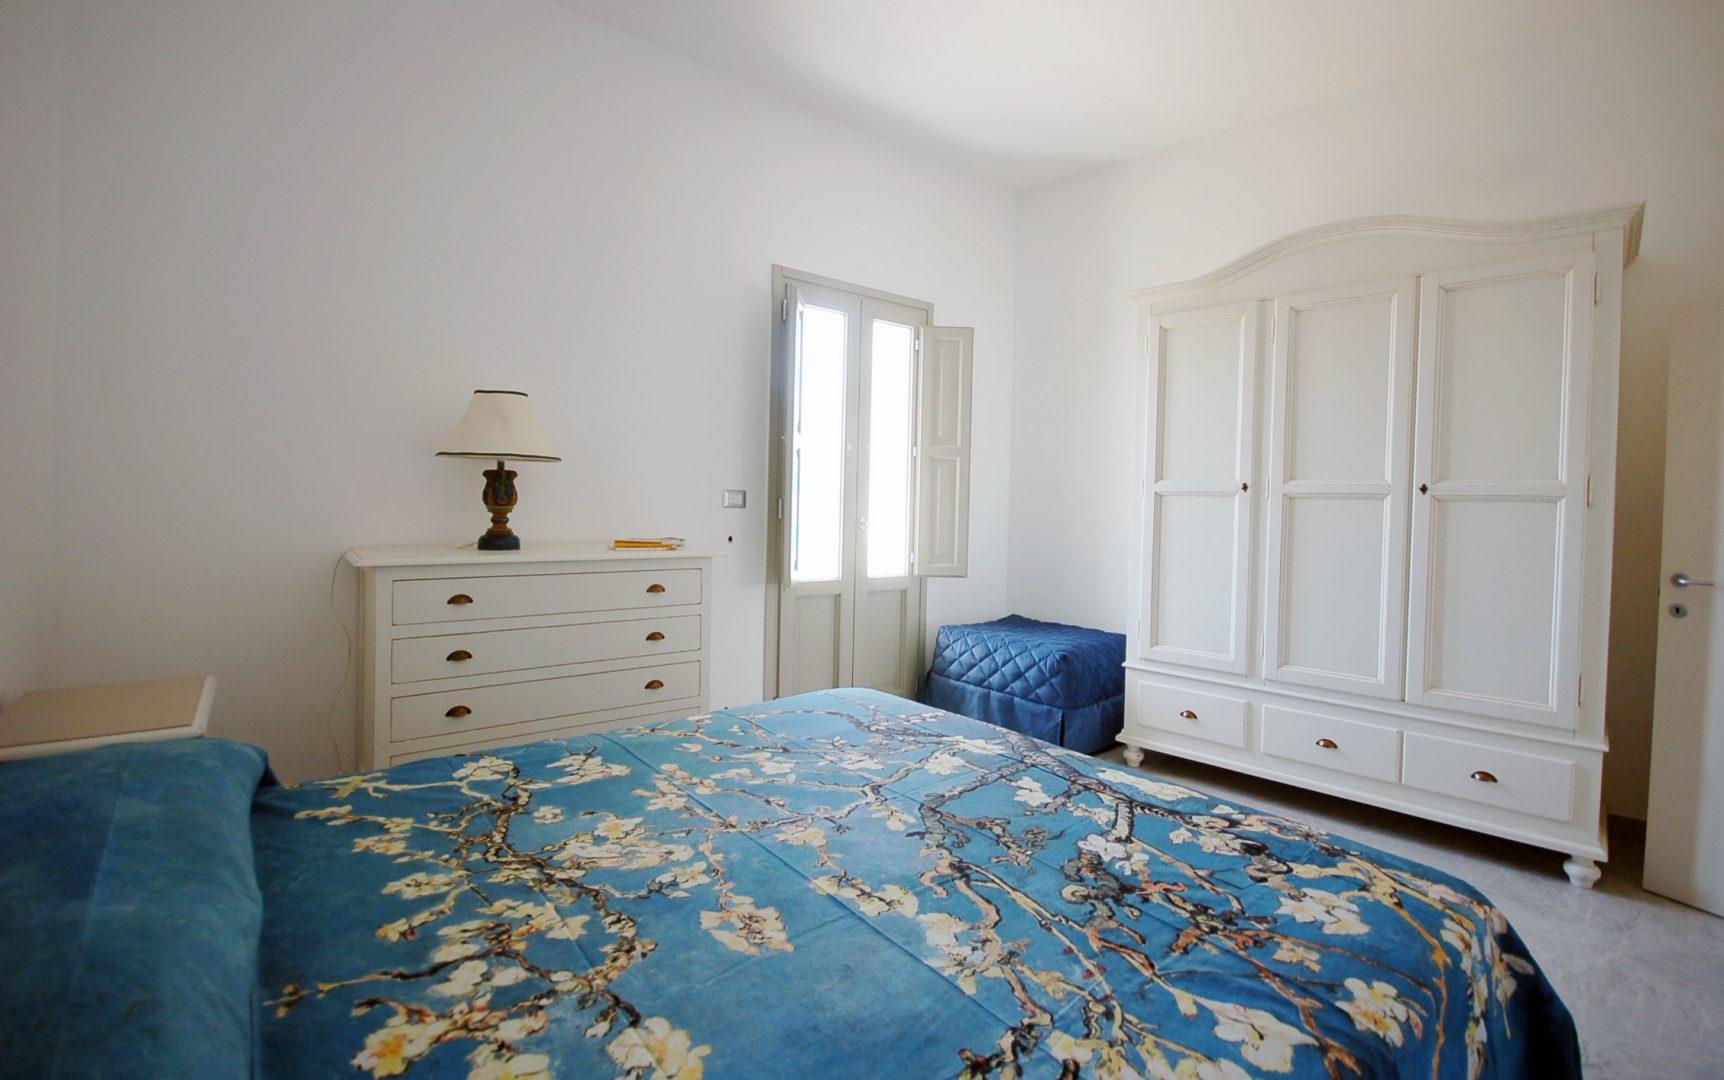 camera da letto appartamento vrani